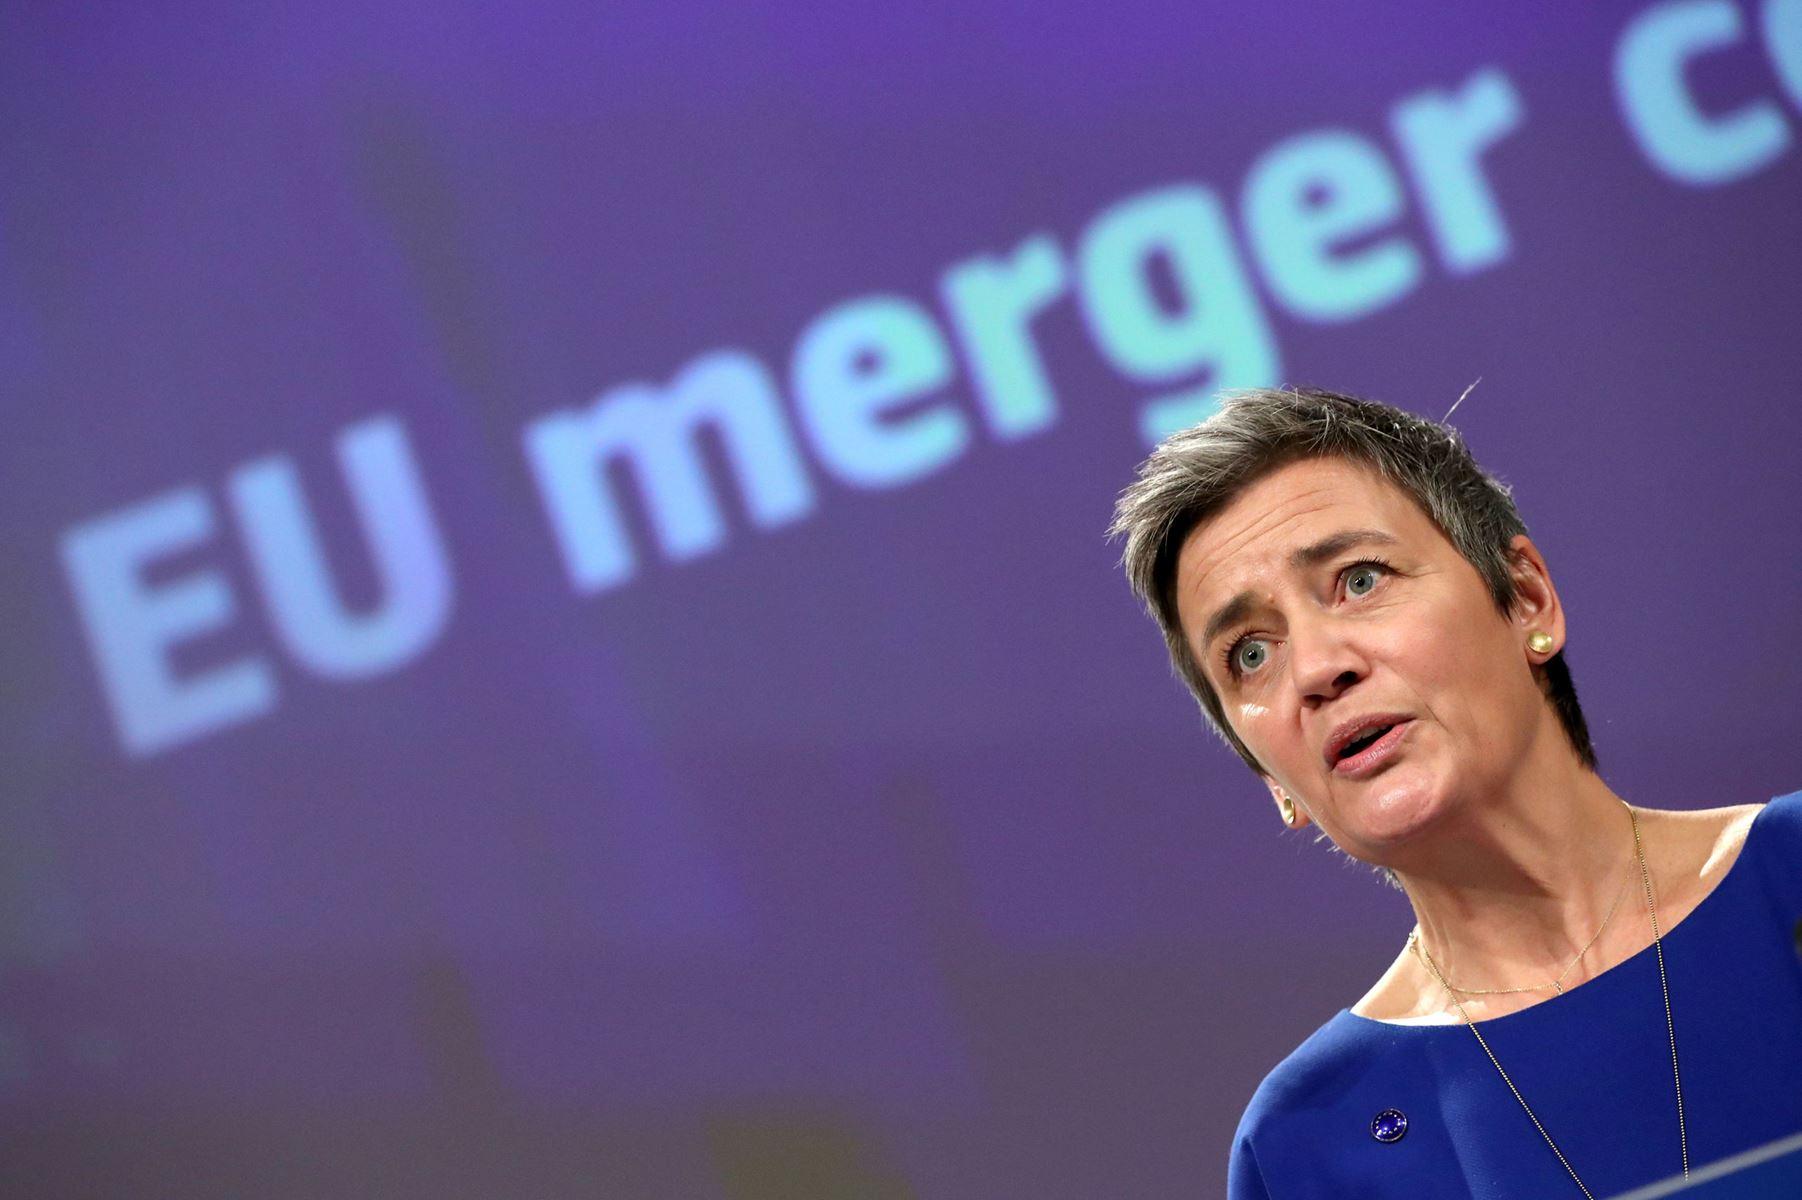 En gruppe multinationale selskaber har vundet sag om skattebetaling på 5,2 milliarder kroner hos EU-Domstolen.